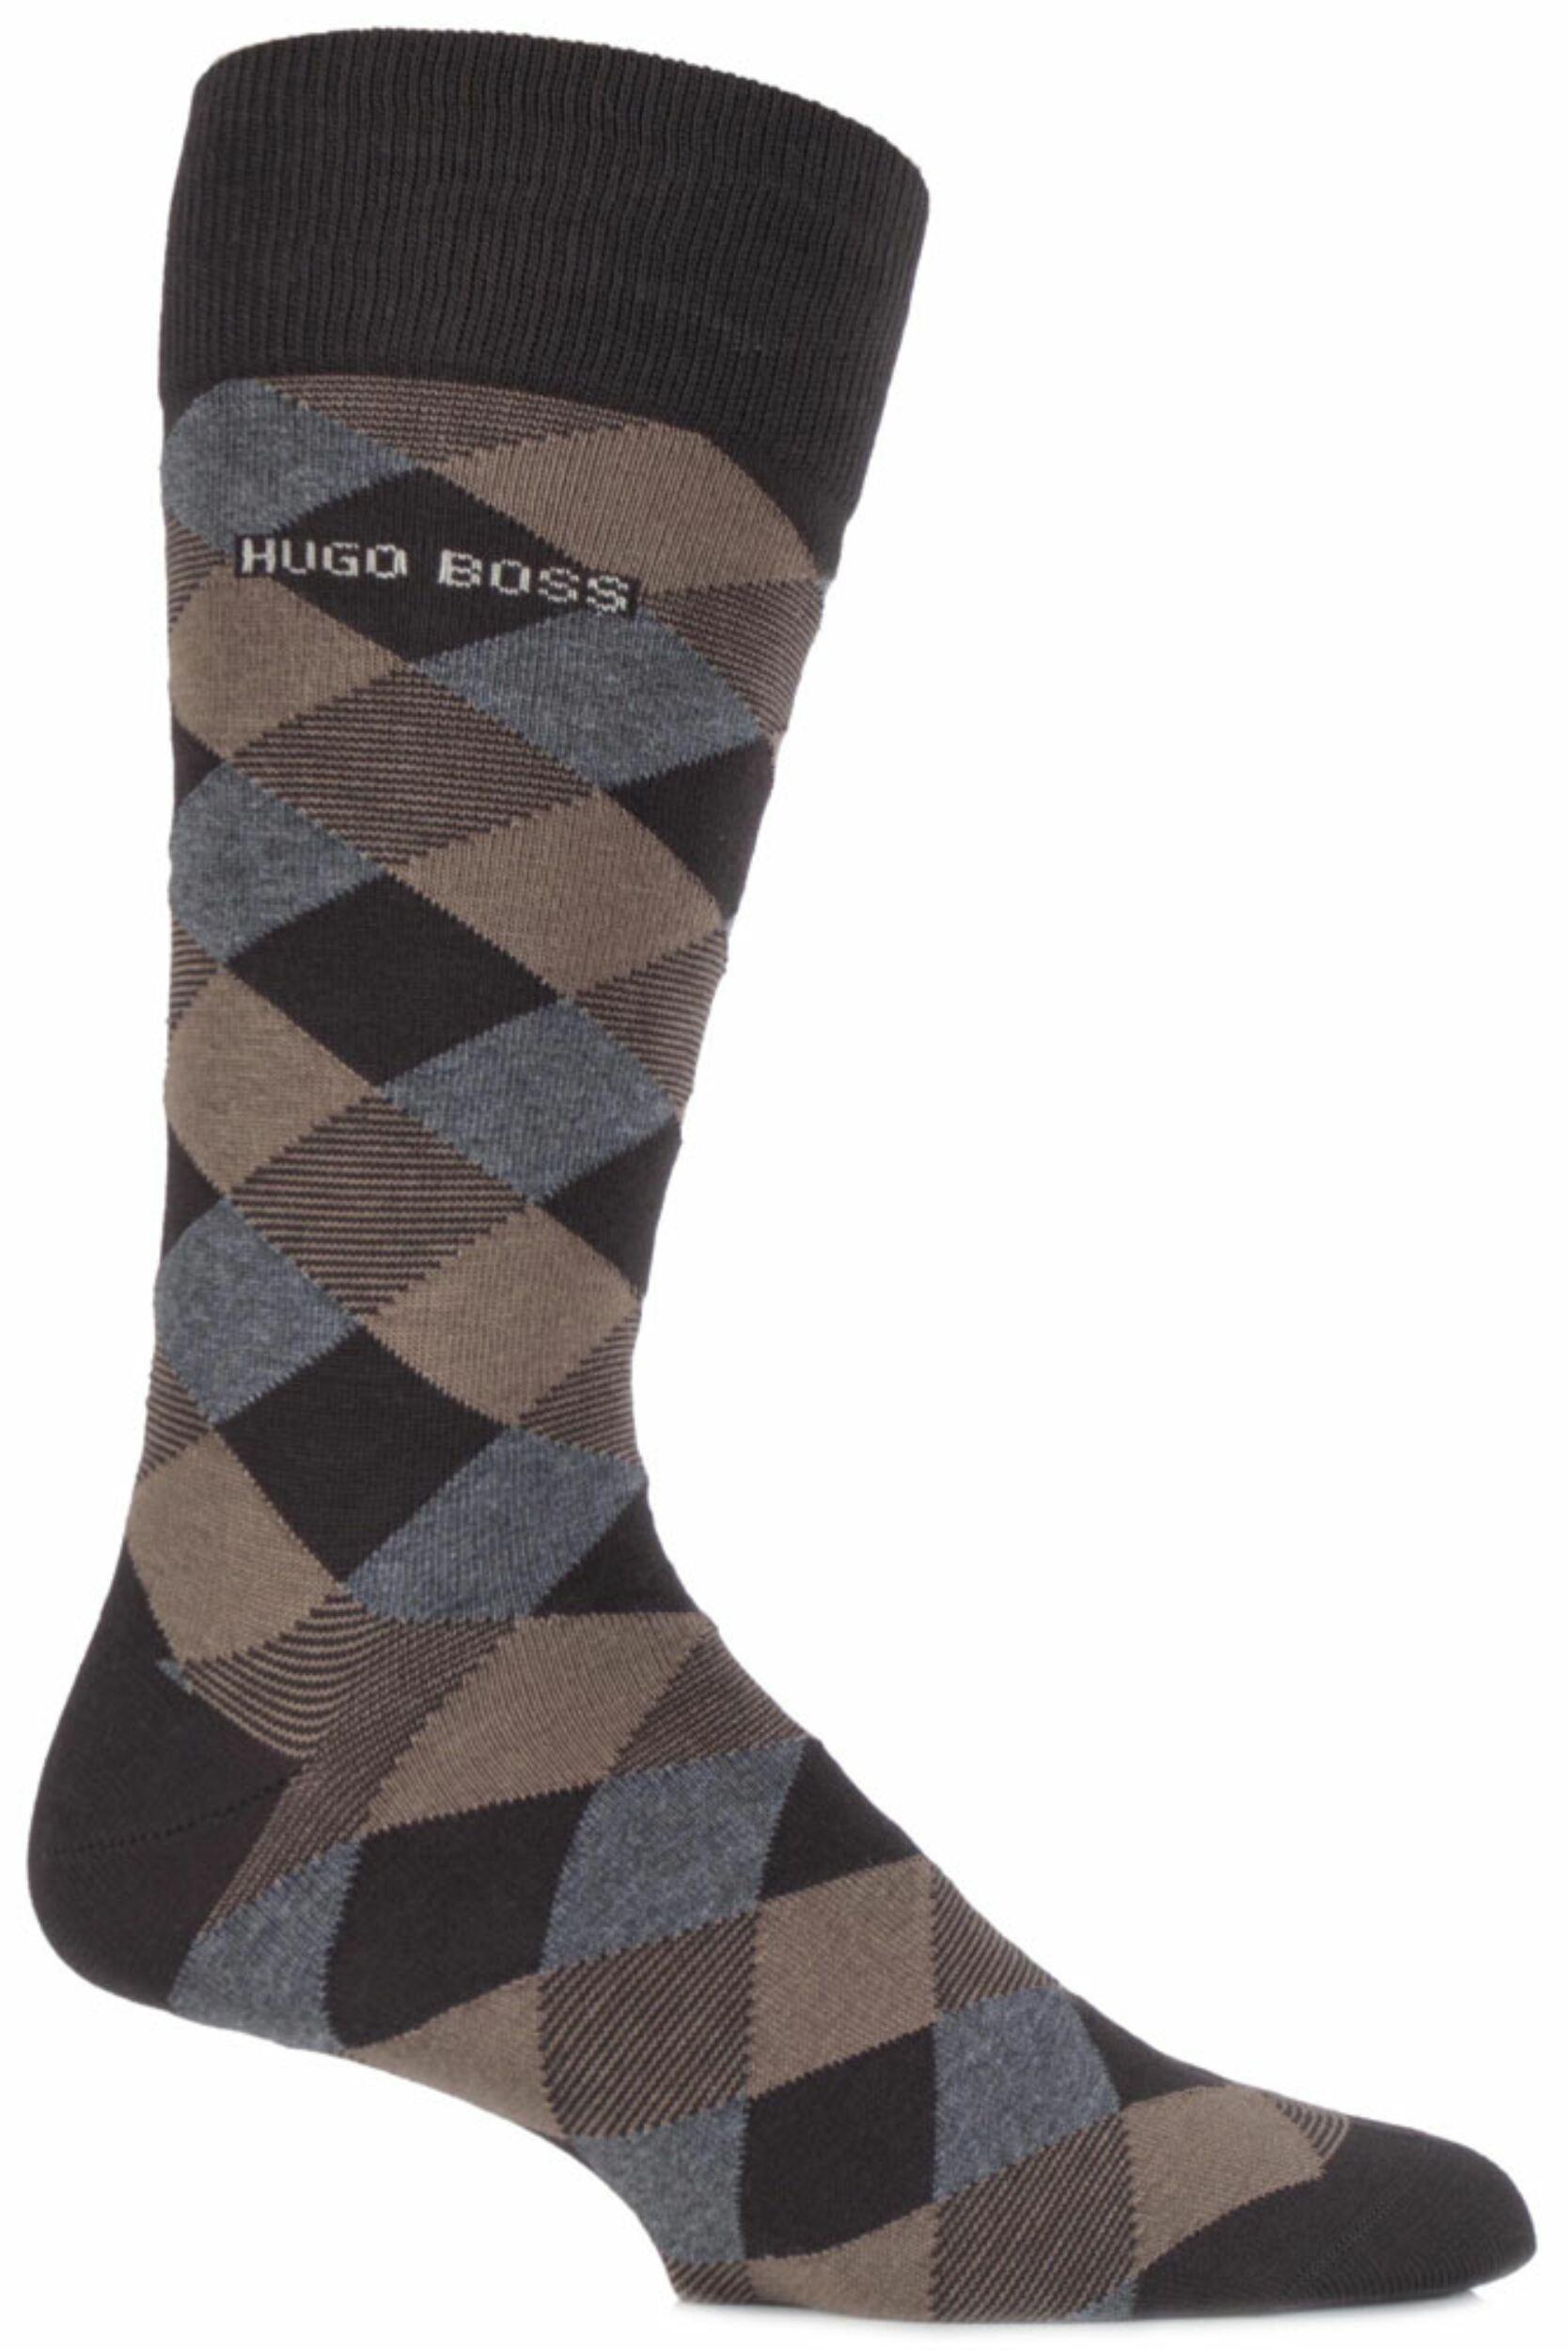 Men's Socks Mens 1 Pair Hugo Boss Combed Cotton Diamond Patterned Socks